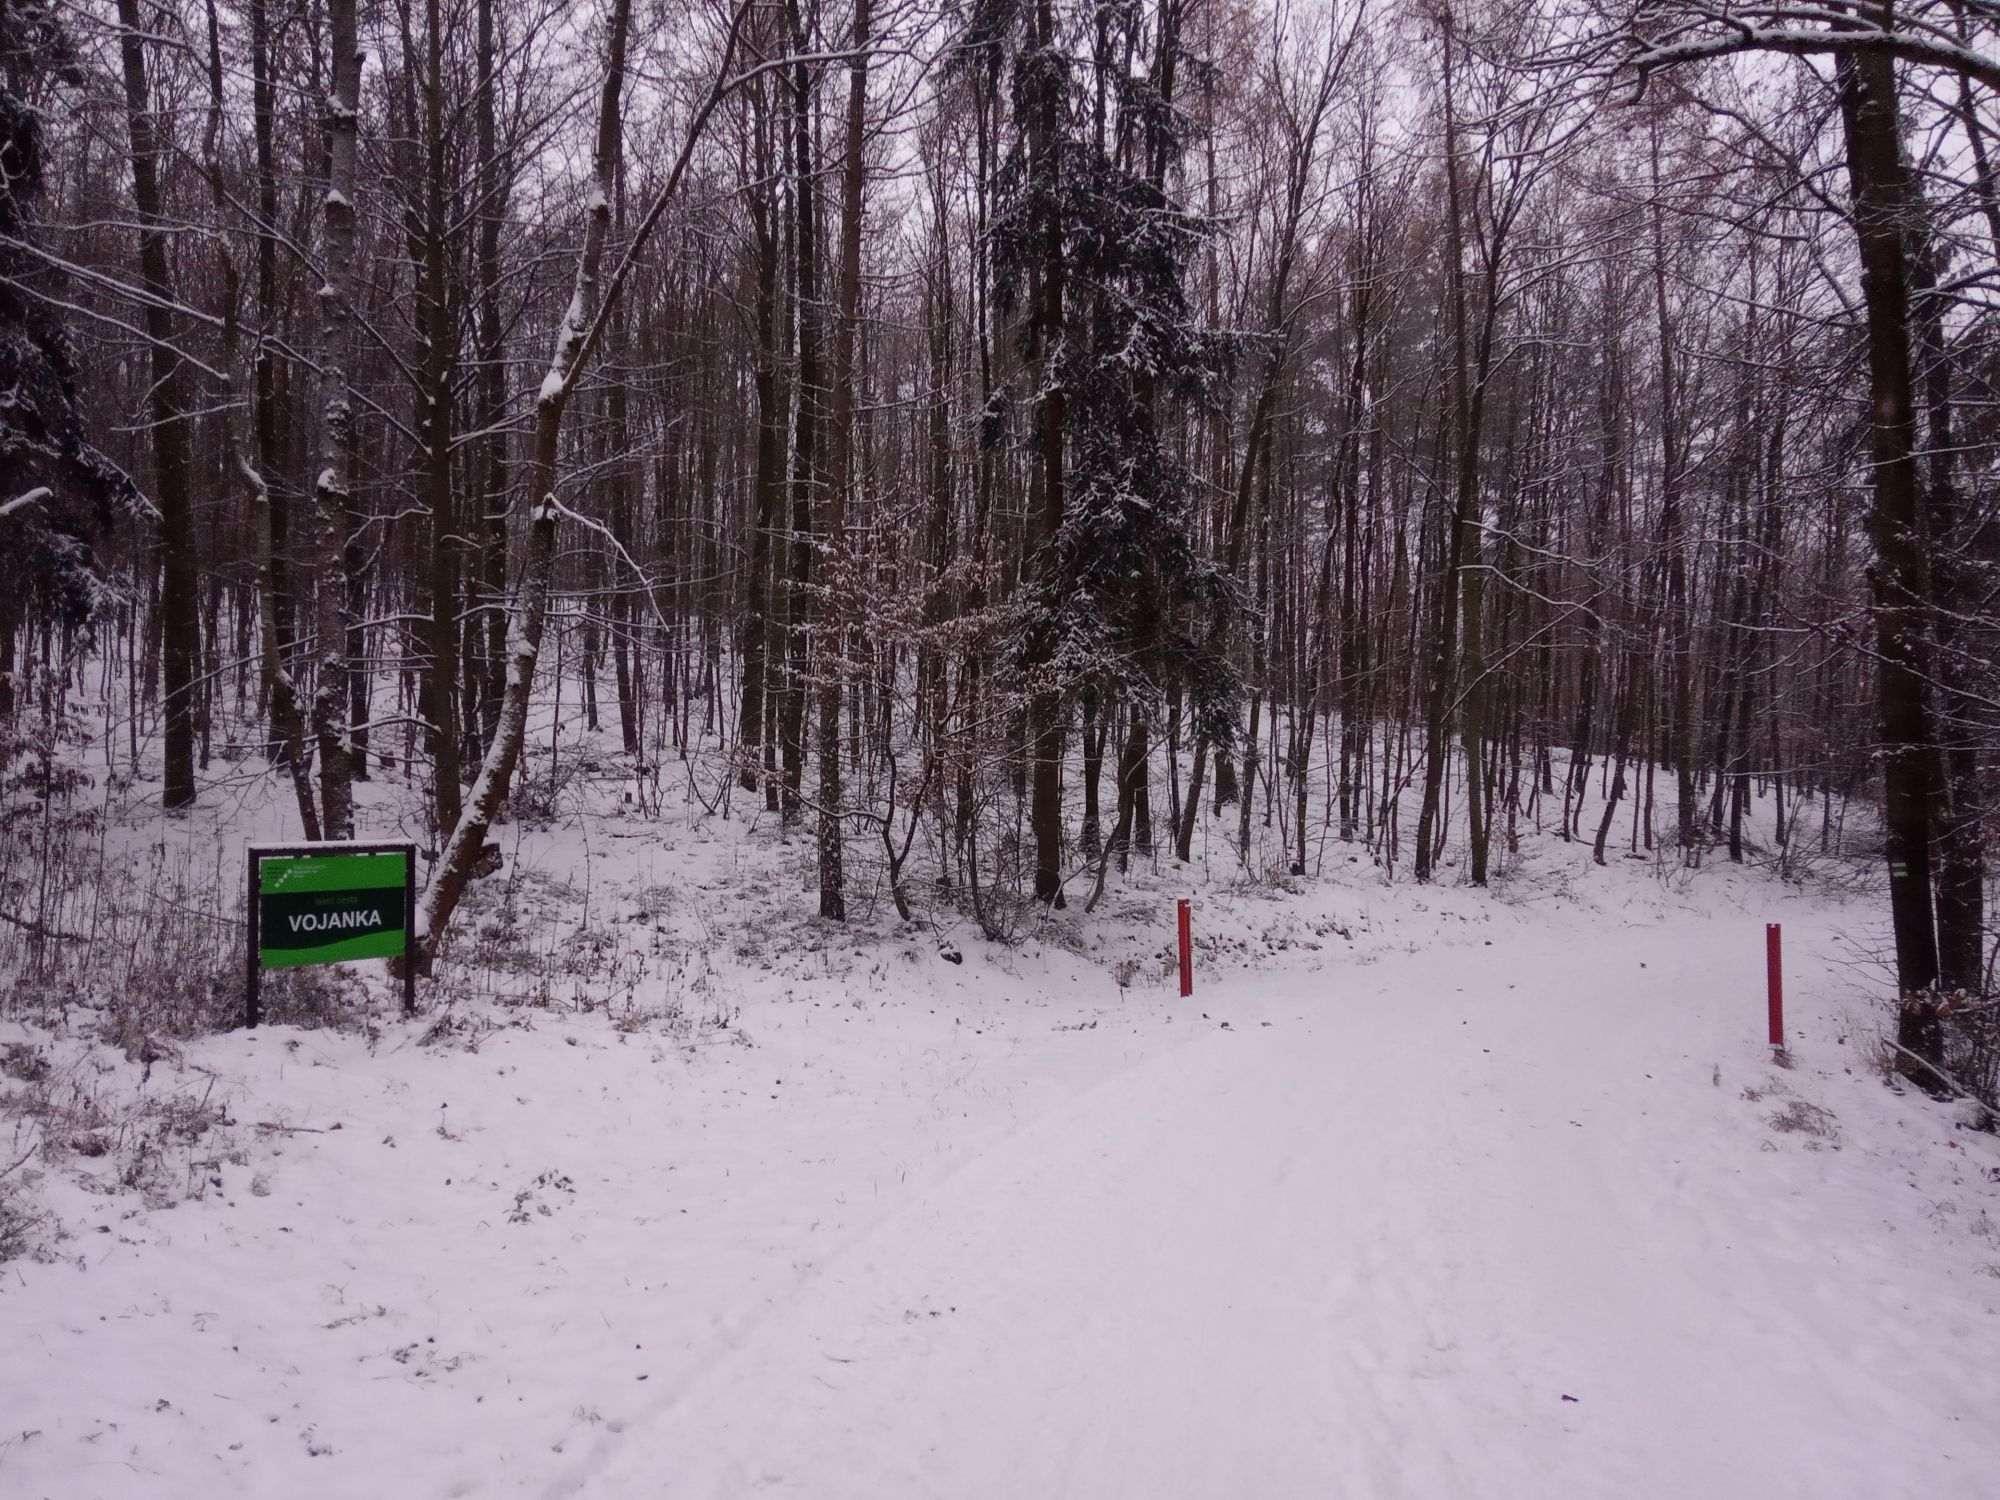 Začátek lesní cesty Vojanka na severu nedaleko Útěchova